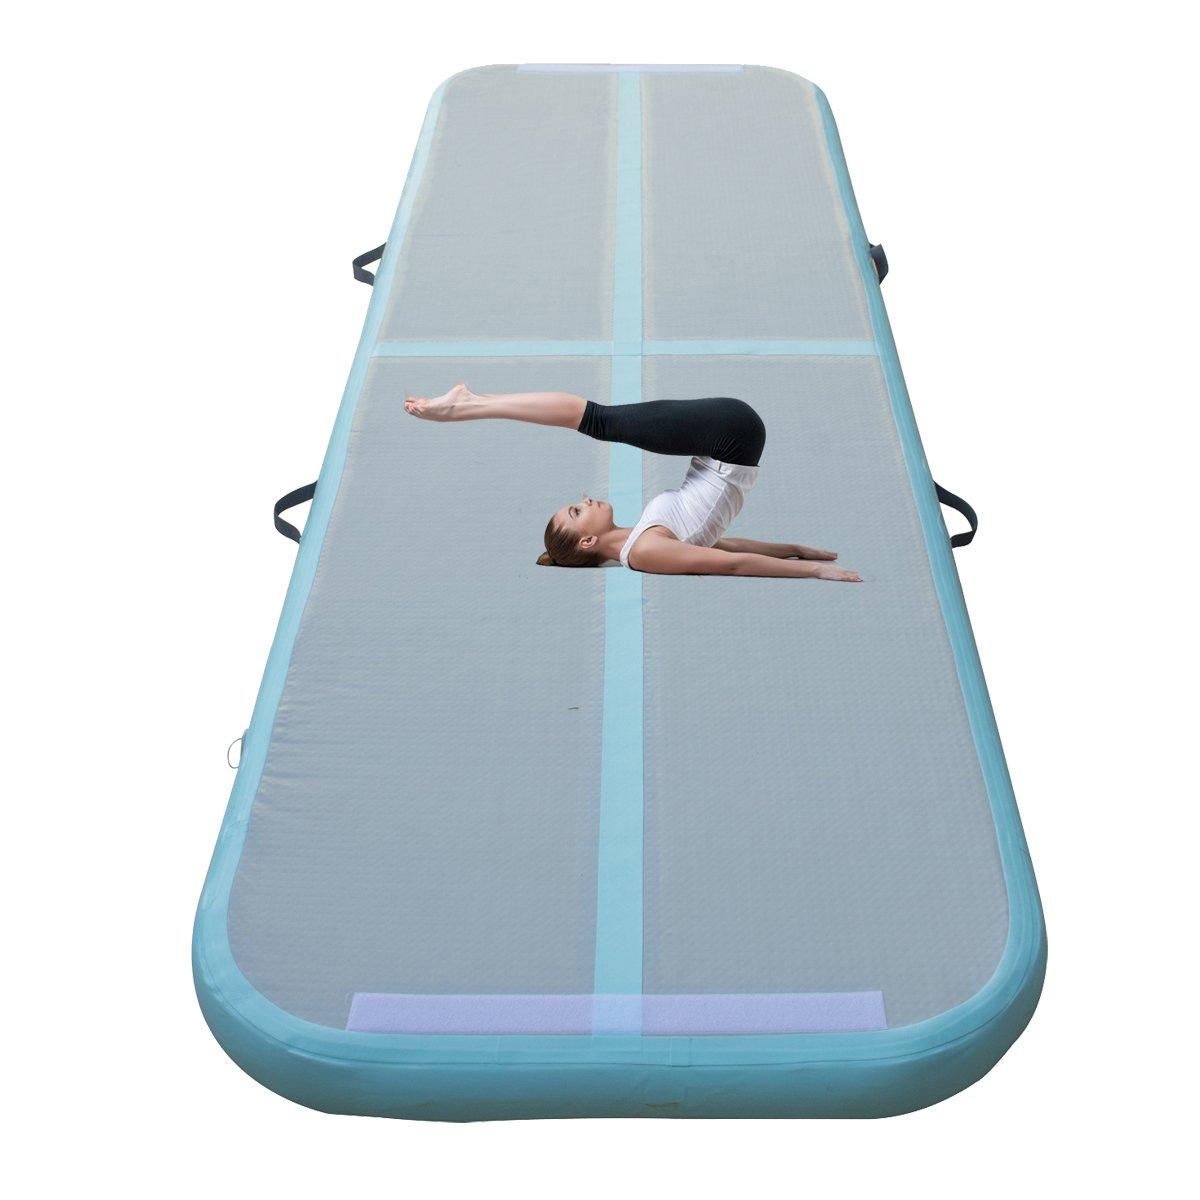 エアトラック床のタンブルマット、インフレータブル体操トレーニングマット、ホーム使用チアリーディング水ビーチ公園テコンドーSchoolsチアリーディングヨガダンスクラブ裏庭Grass Land 3 x 0.9 X 0.1 m B078SQCJNF Only Gymnastic Mat 3 x 0.9 x 0.1m(9.84 x 2.95 x 0.33ft)